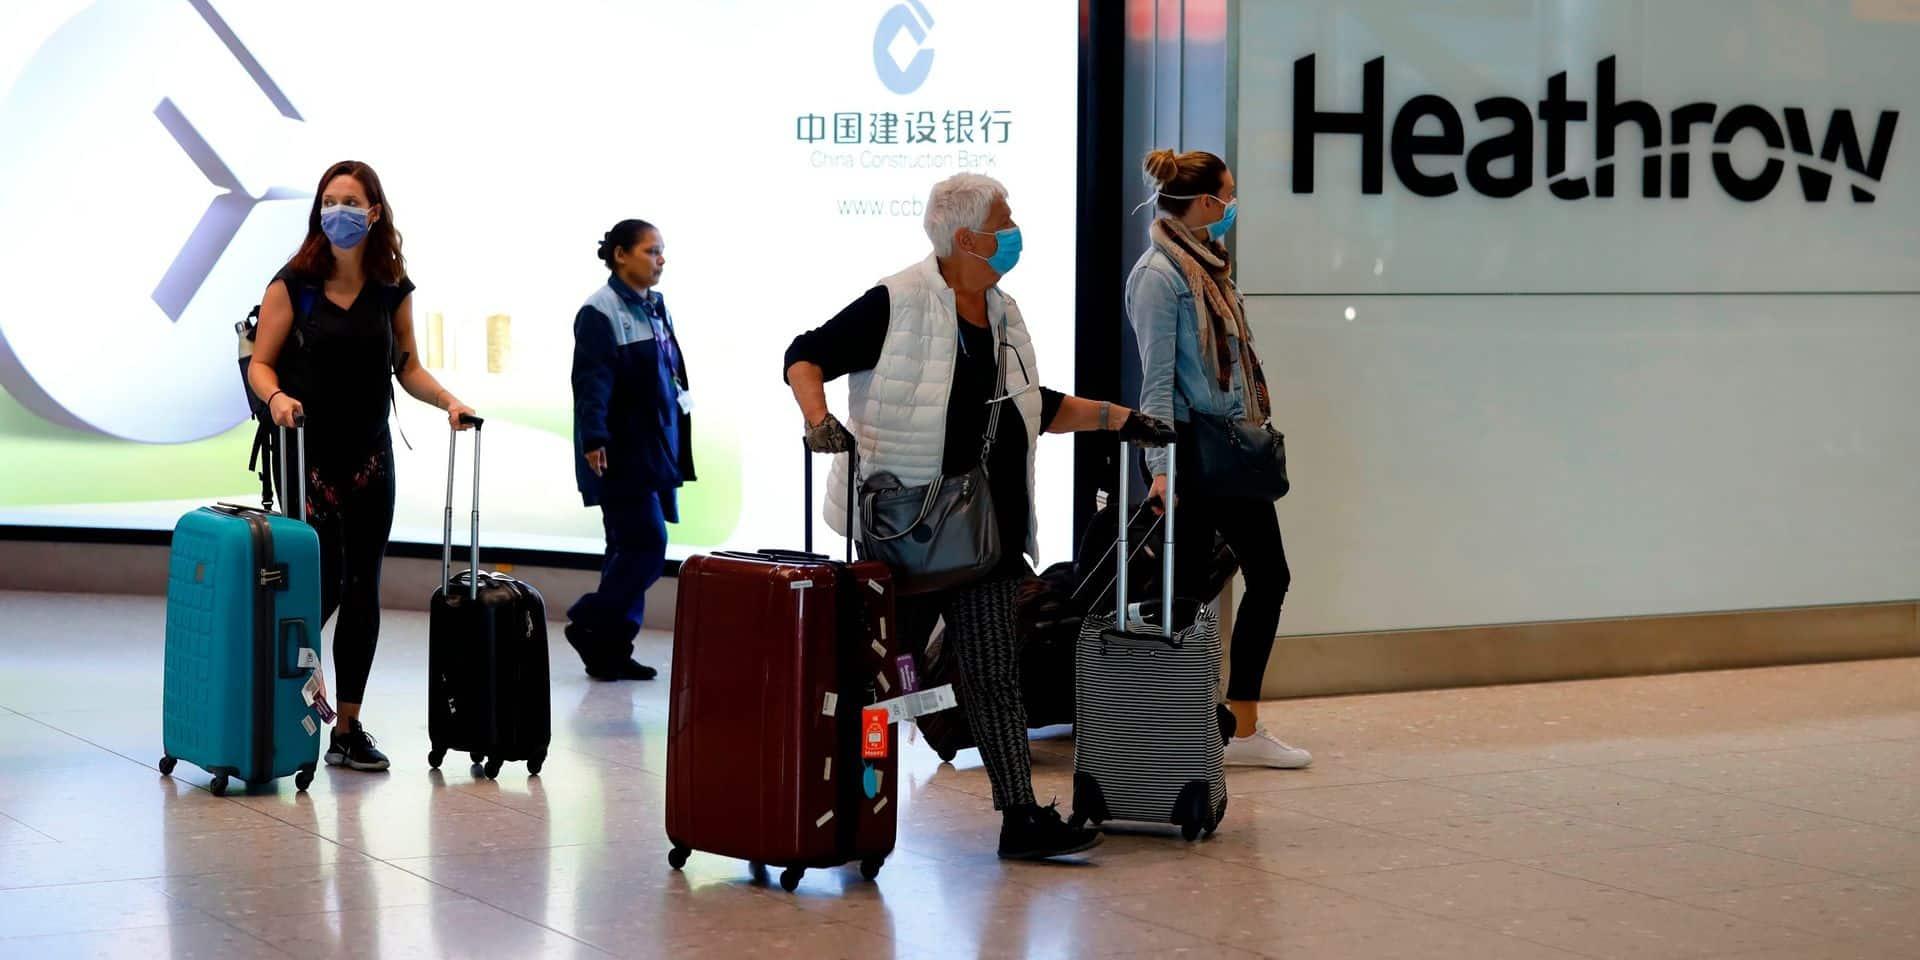 """La France regrette la décision du Royaume-Uni de placer les voyageurs étrangers en quarantaine: """"Nous sommes prêts à mettre en place une mesure de réciprocité"""""""